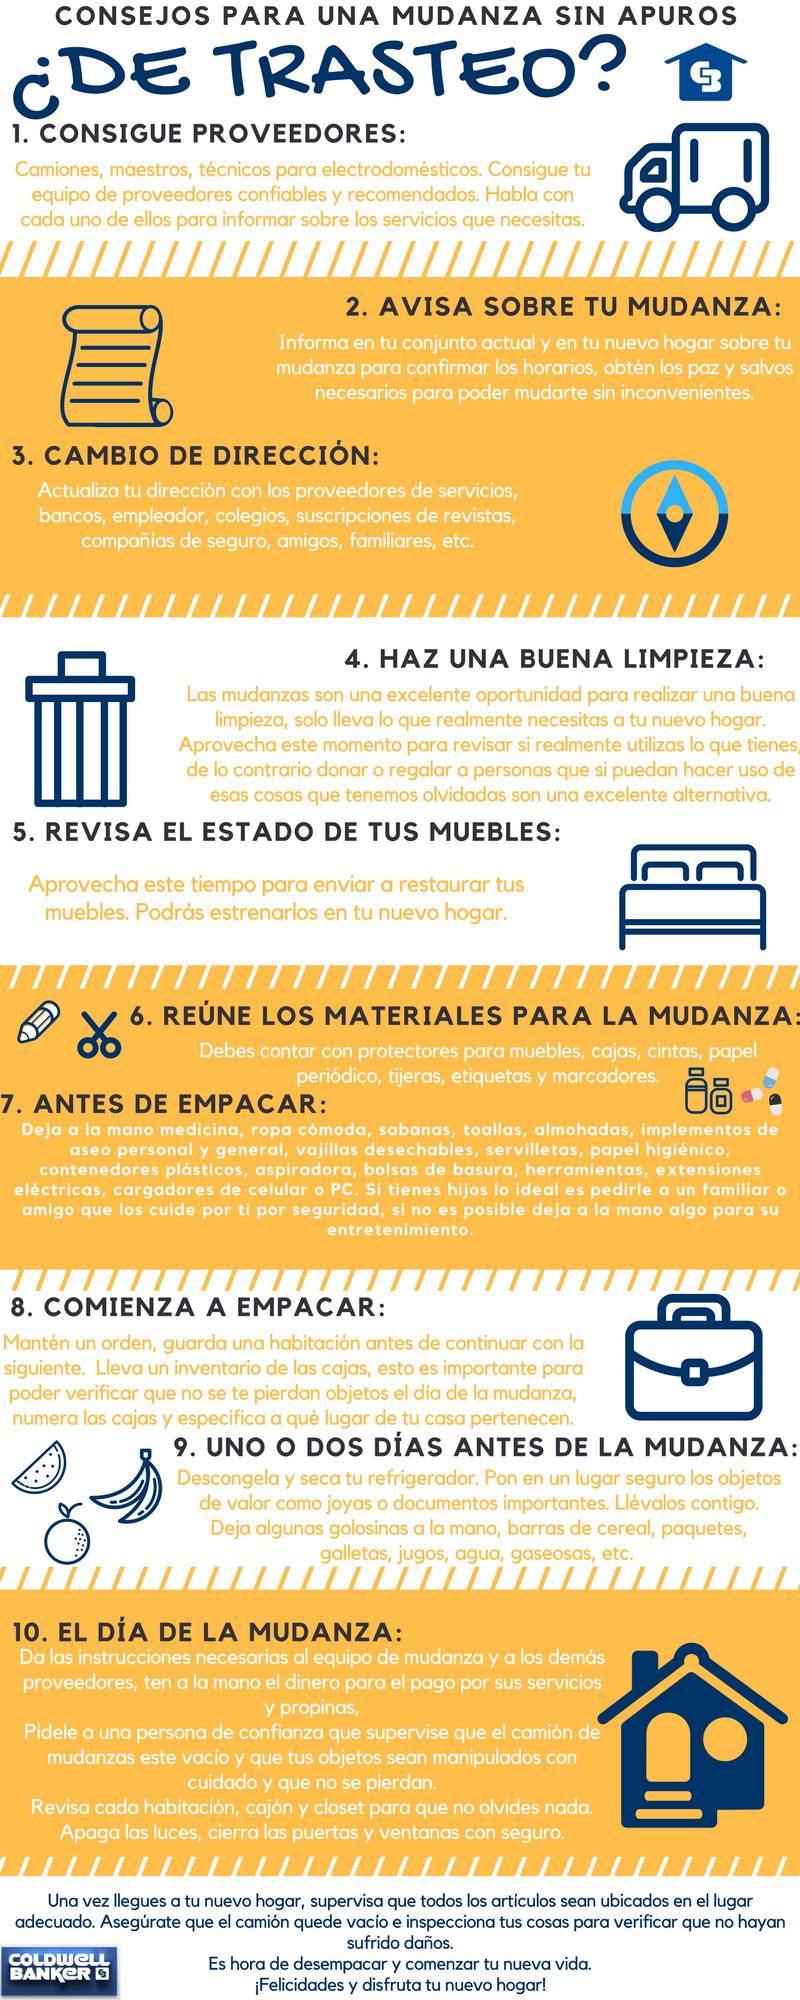 De Trasteo Aqui Te Damos Unos Buenos Tips Que Pueden Ayudarte A